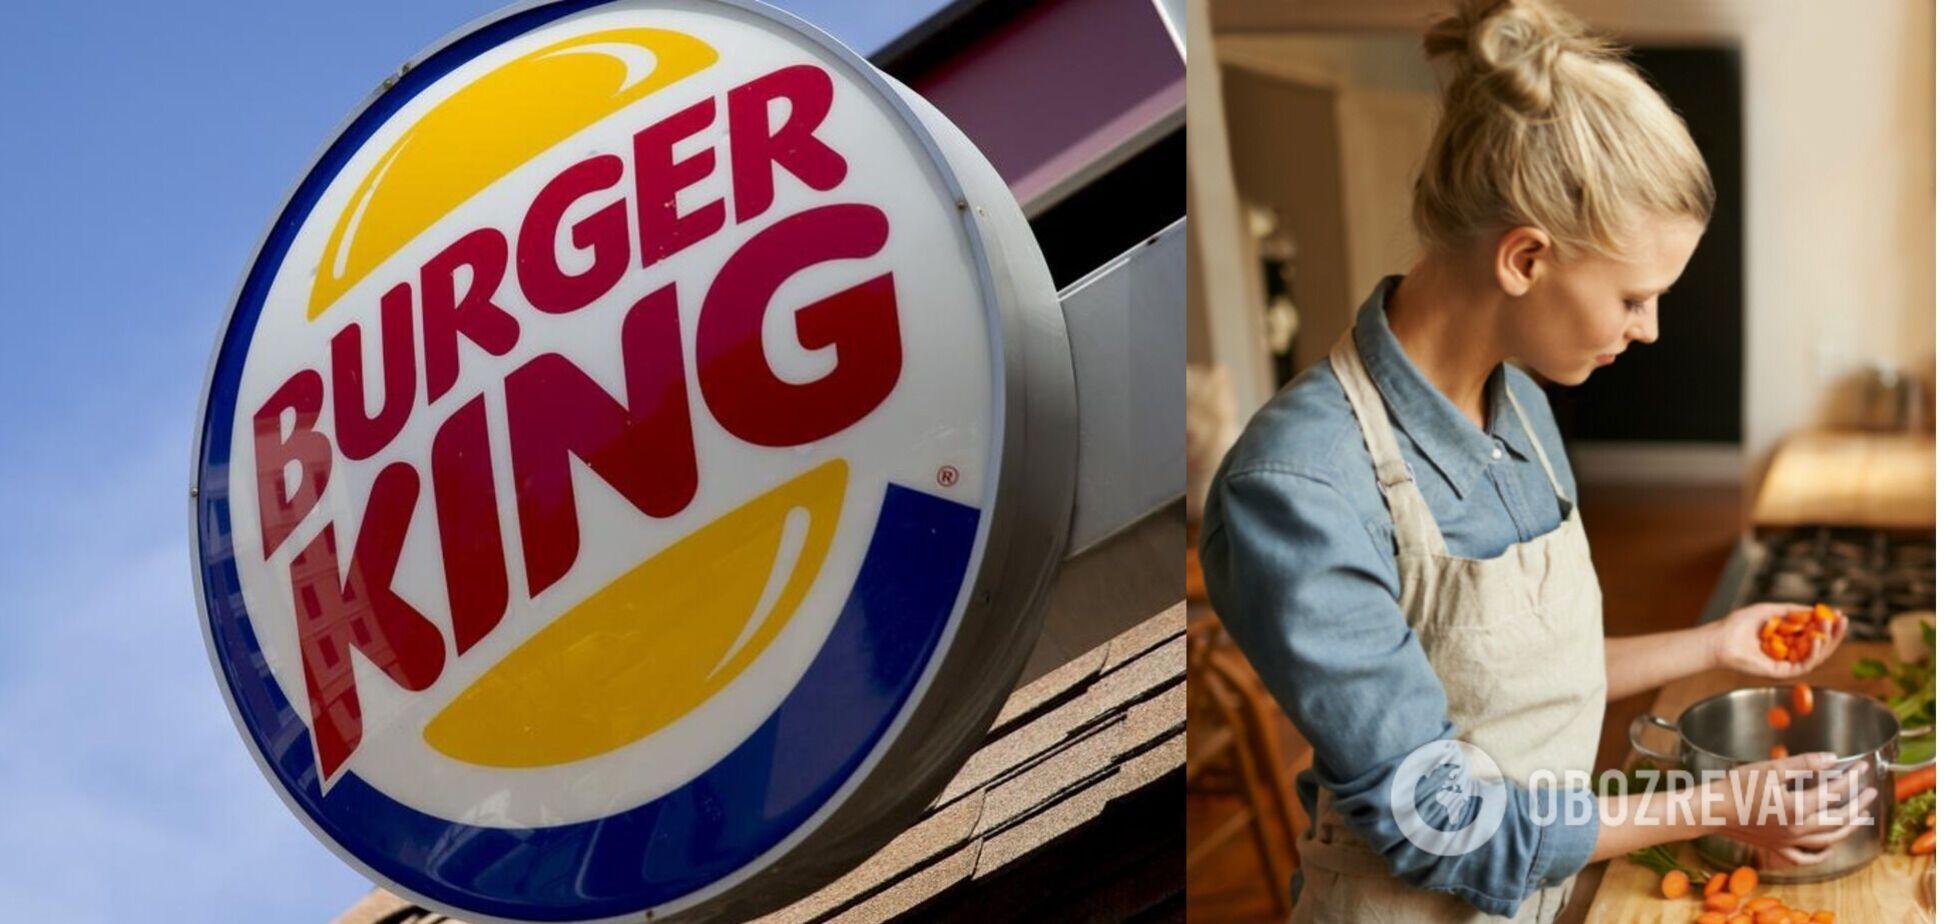 Сеть Burger King в Британии попала в скандал из-за твита, что 'женщинам место на кухне'